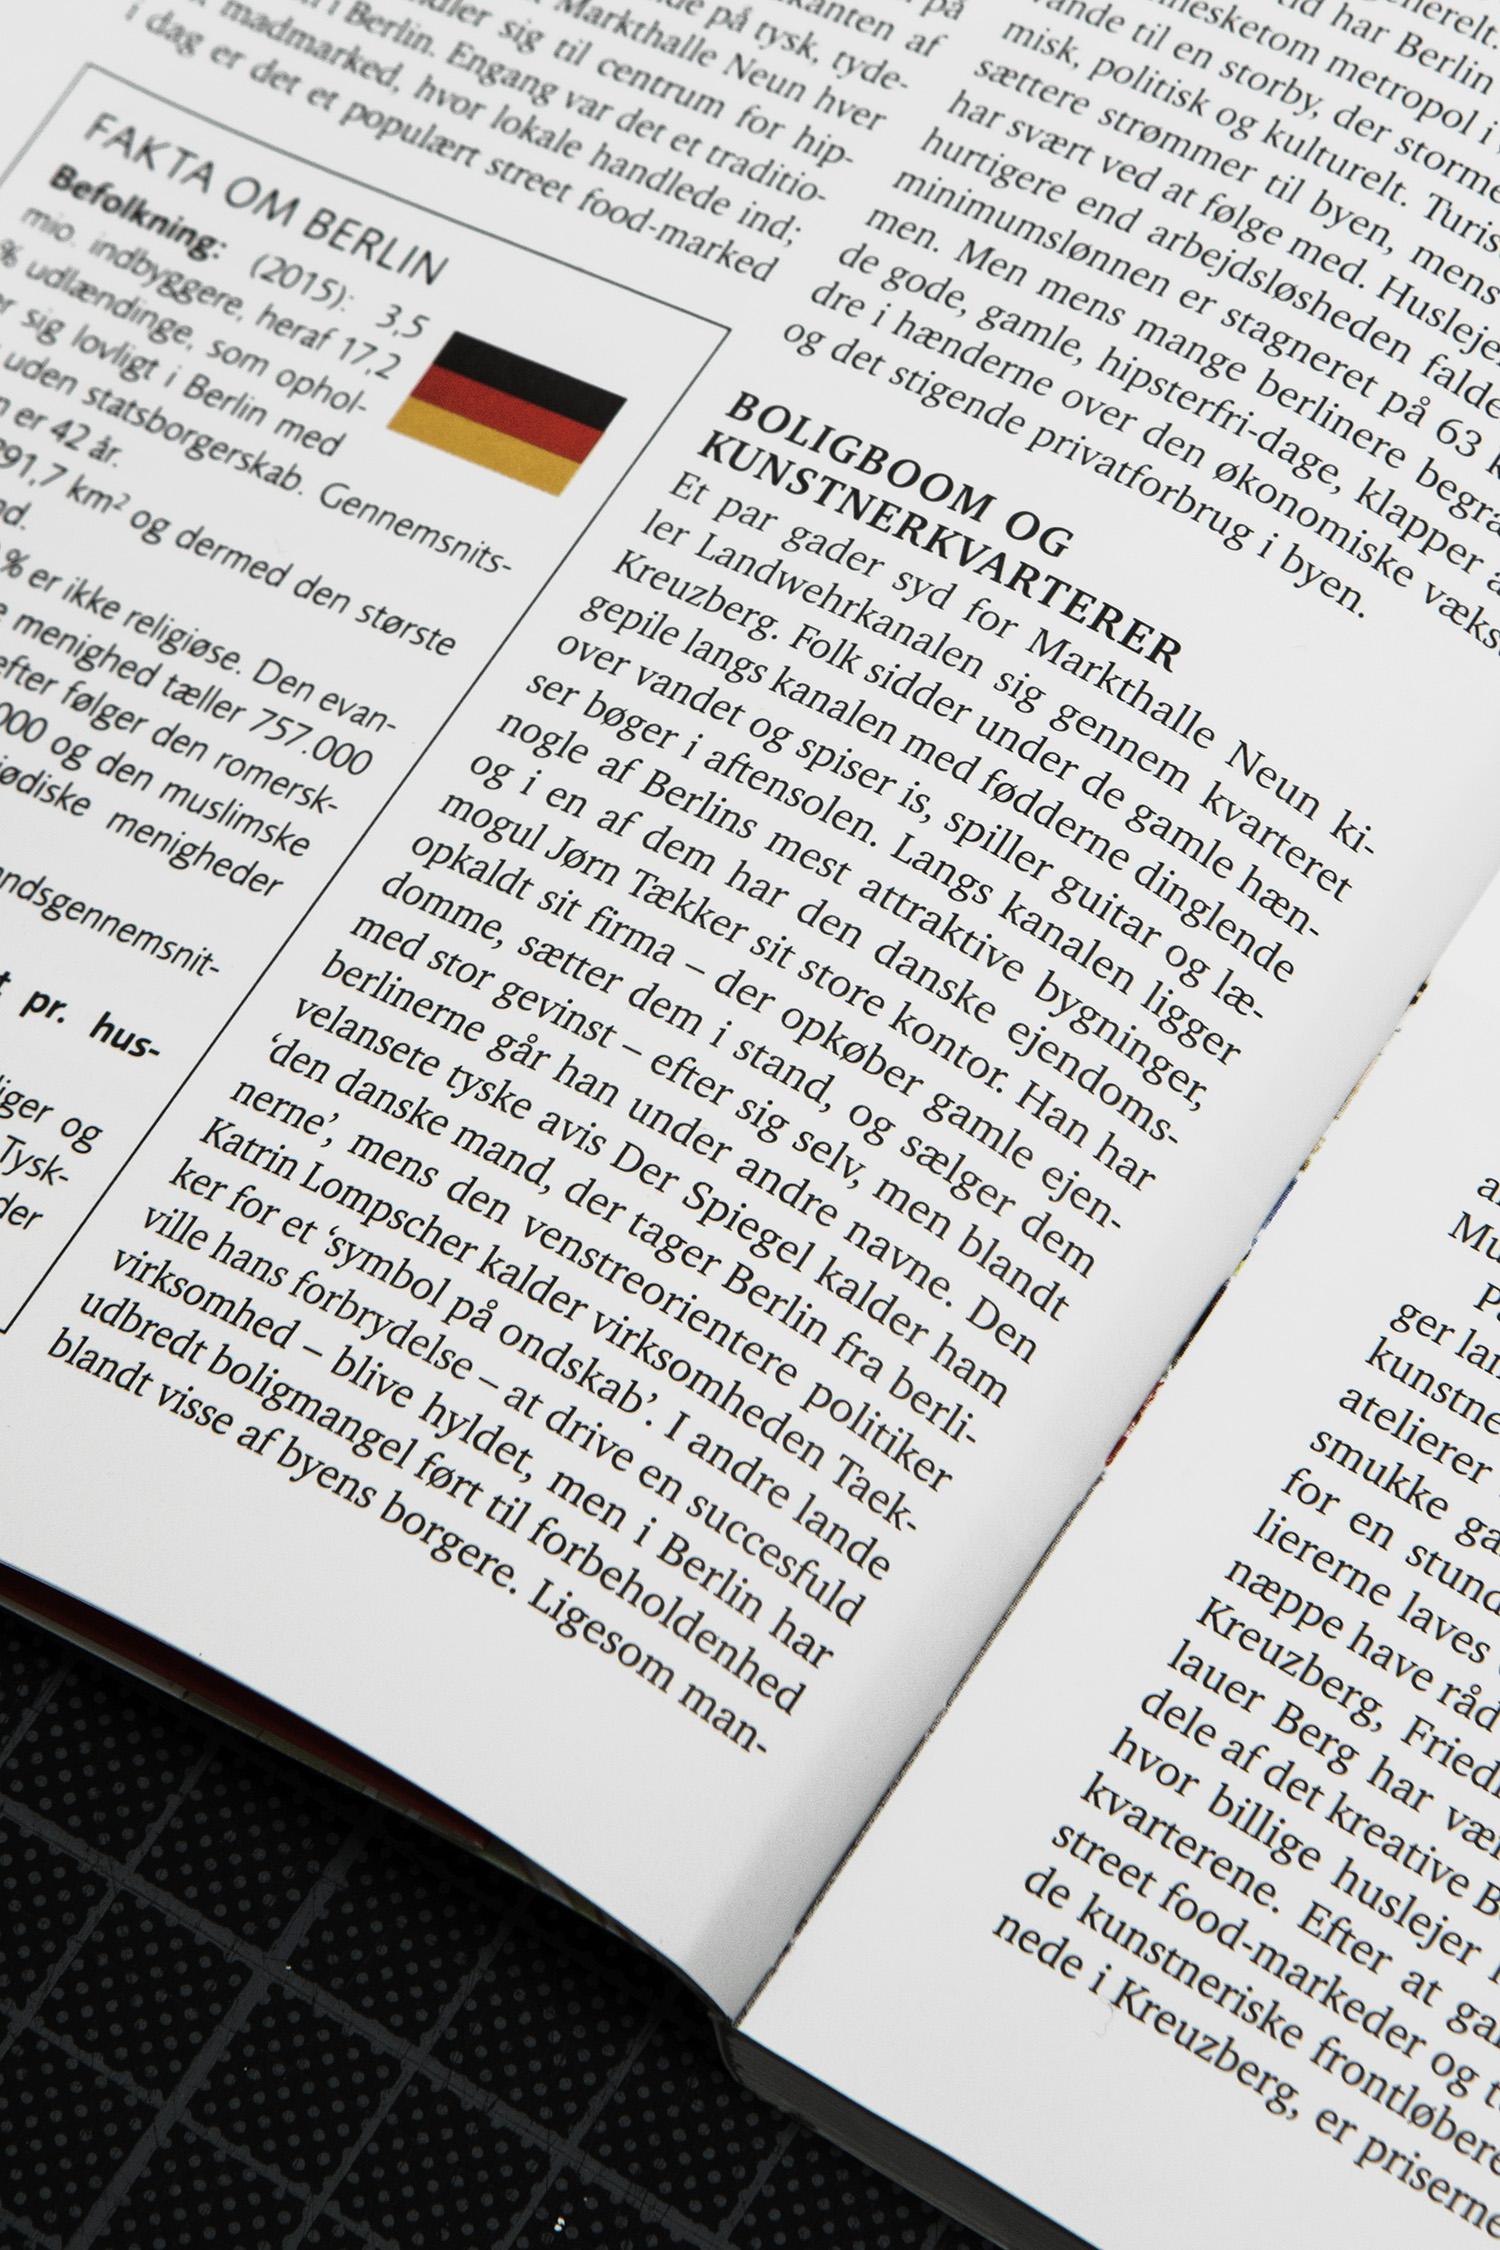 """Turen går til Berlin, s. 6: """"Langs kanalen ligger nogle af Berlins mest attraktive bygninger, og i en af dem har den danske ejendomsmogul Jørn Tækker sit store kontor. Han har opkaldt sit firma – der opkøber gamle ejendomme, sætter dem istand, og sælger dem med stor gevinst – efter sig selv, men blandt berlinerne går han under andre navne. Den velansete tyske avis Der Spiegel kalder ham 'den danske mand, der tager Berlin fra berlinerne', mens den venstreorienterede politiker Katrin Lompscher kalder virksomheden Taekker for et 'symbol på ondskab'."""